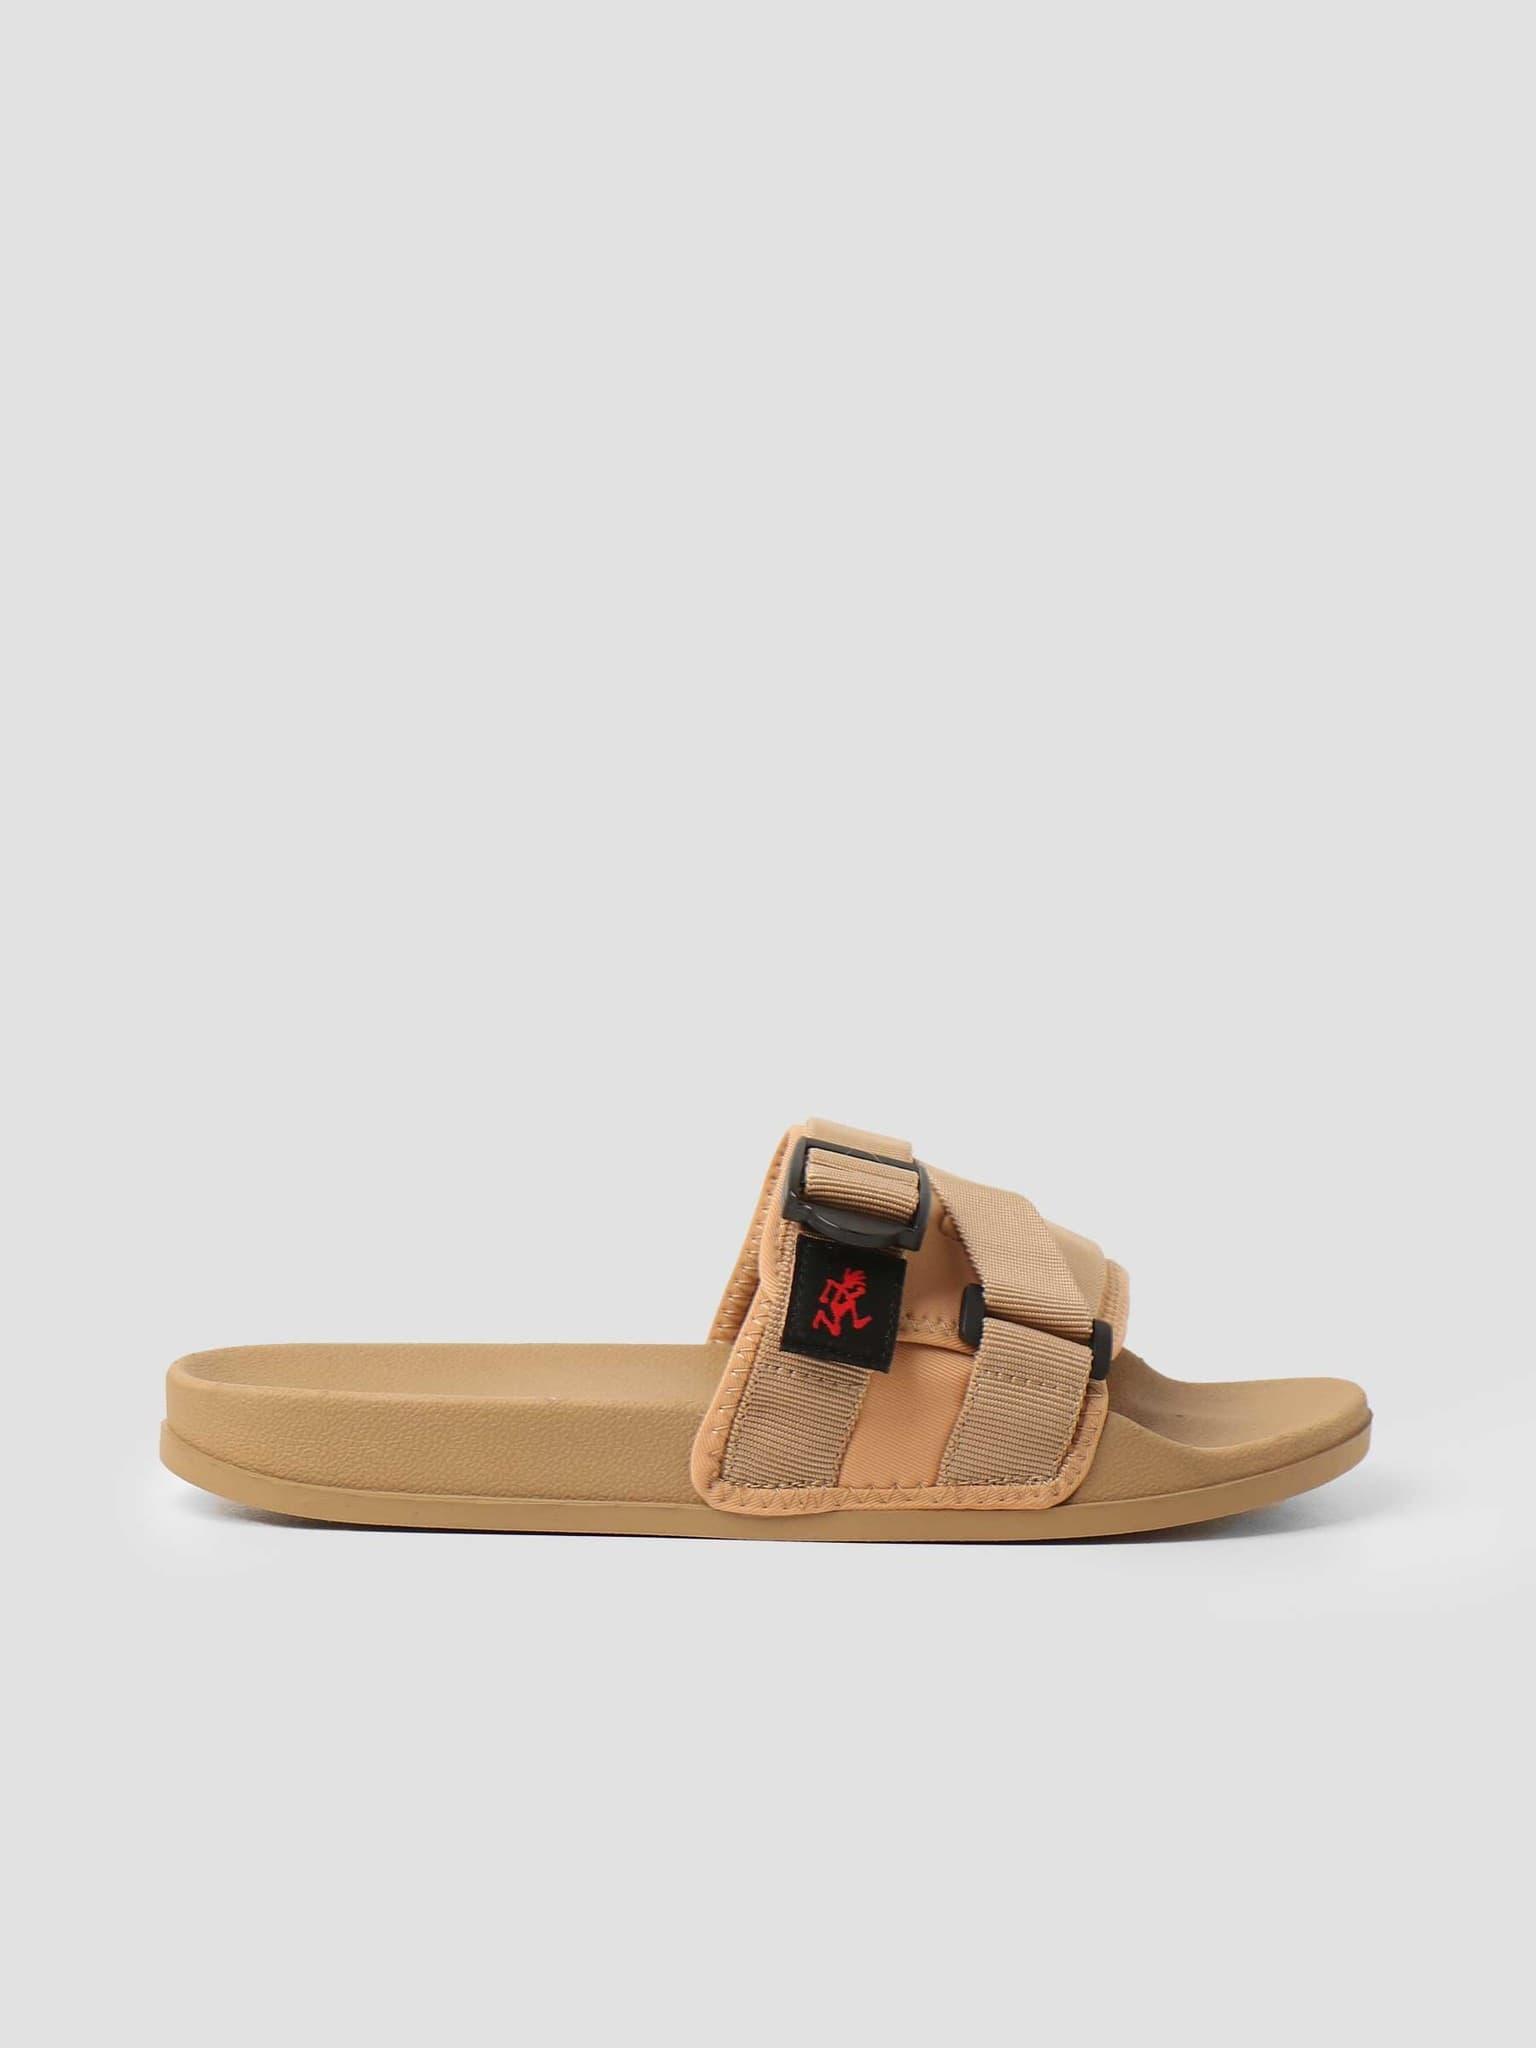 Slide Sandals Beige GRF-004